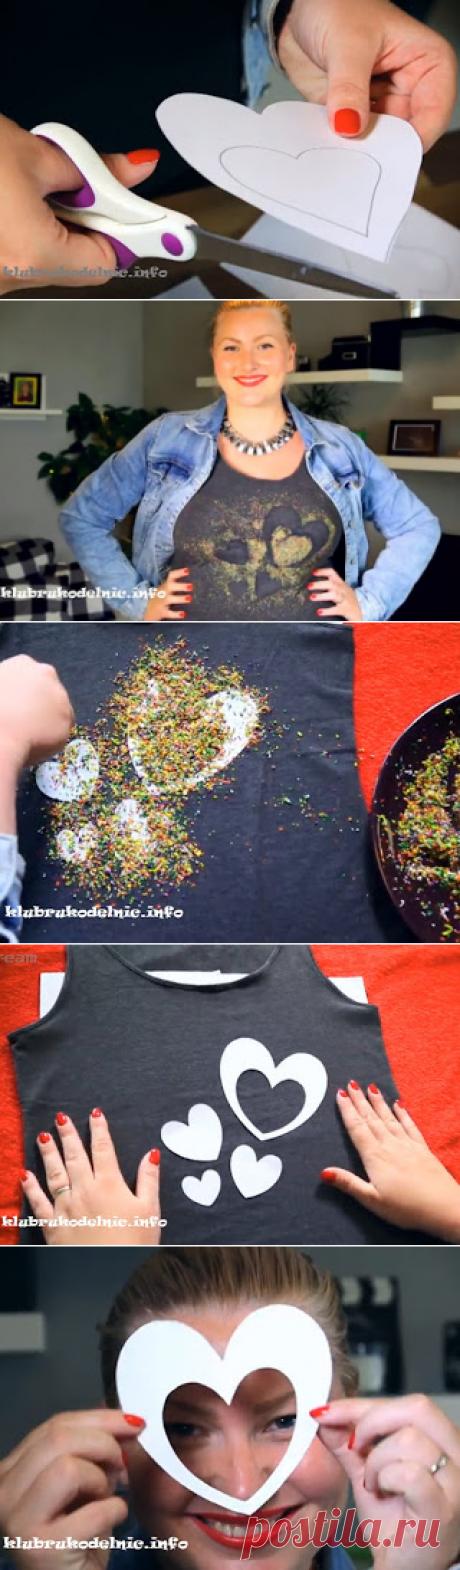 Украшение футболок восковыми карандашами